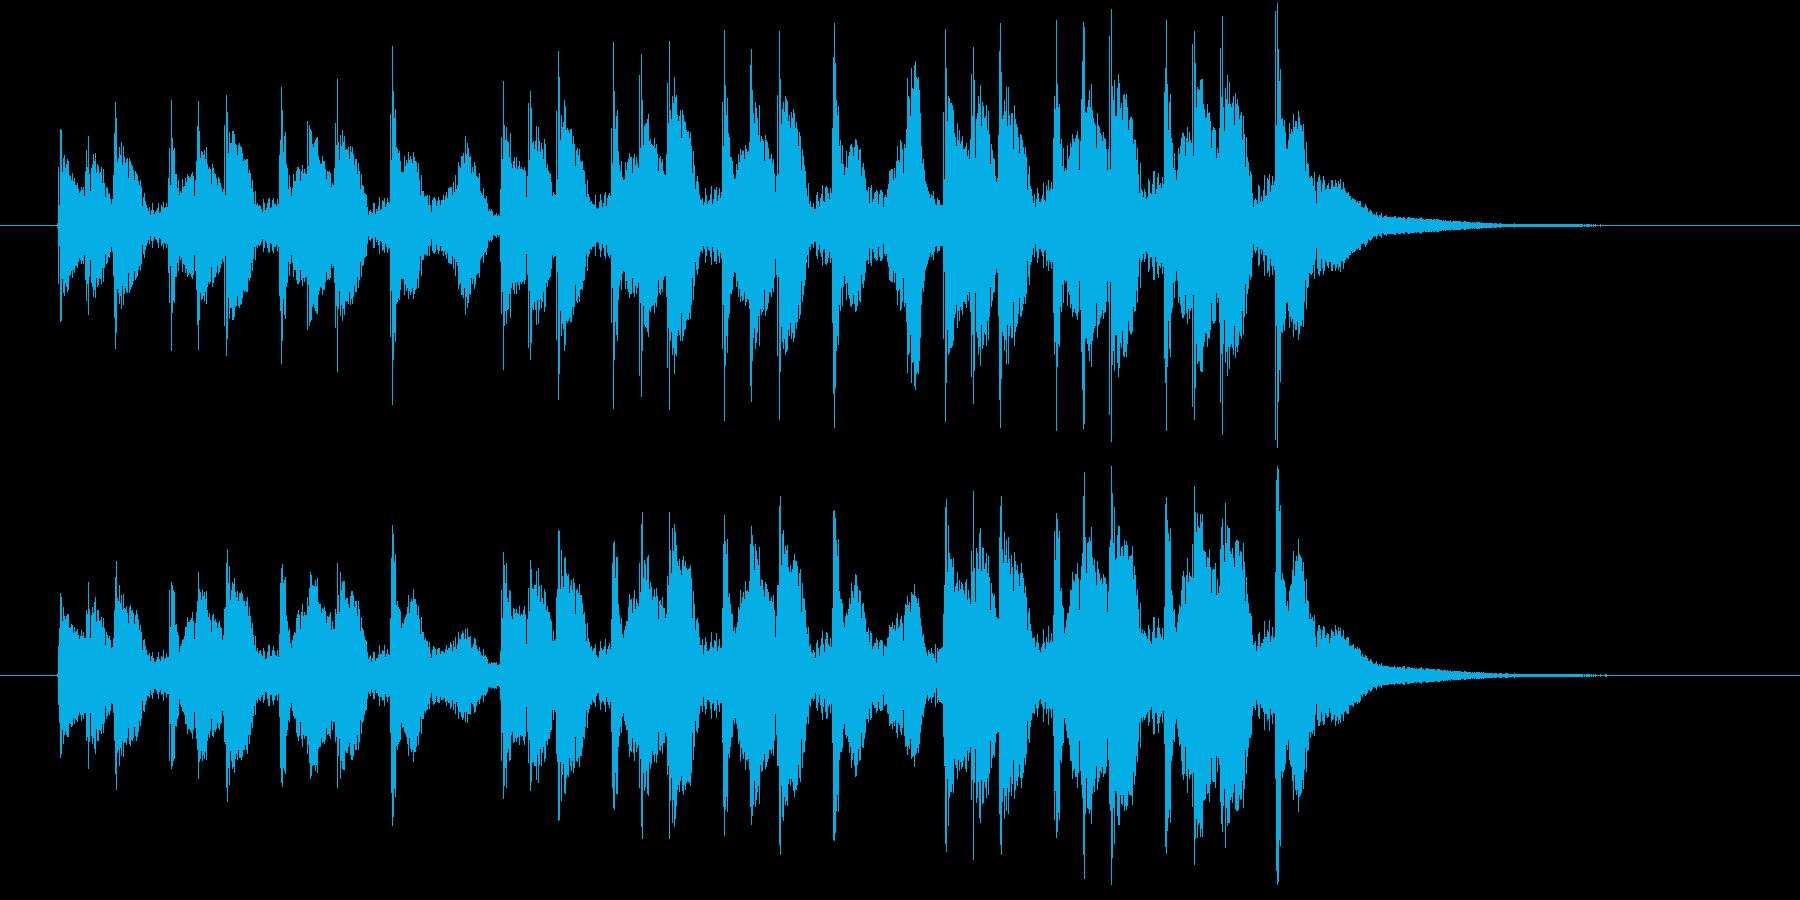 掛け声入りの三本締め(一本締め3回分)の再生済みの波形